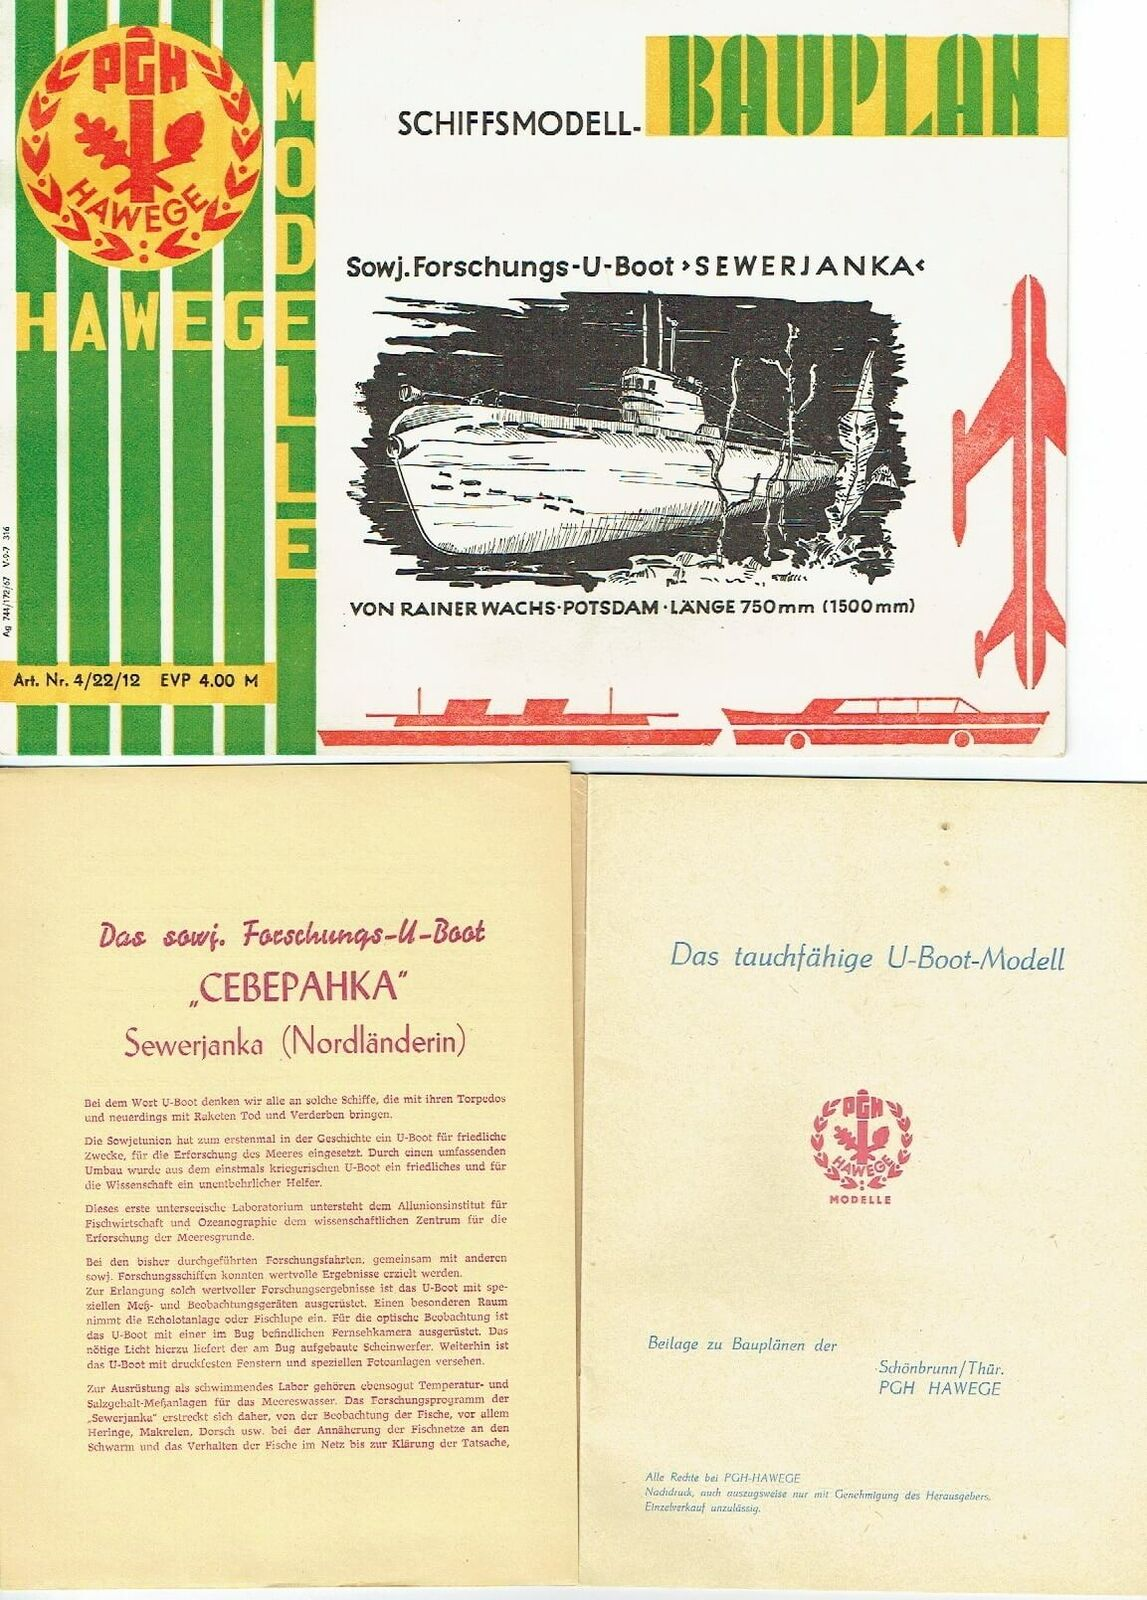 Hawege Modèles Cire Modélisme plans  de bâtiHommest navire modèle Udémarrage severnïa RDA 1967  le prix le plus bas